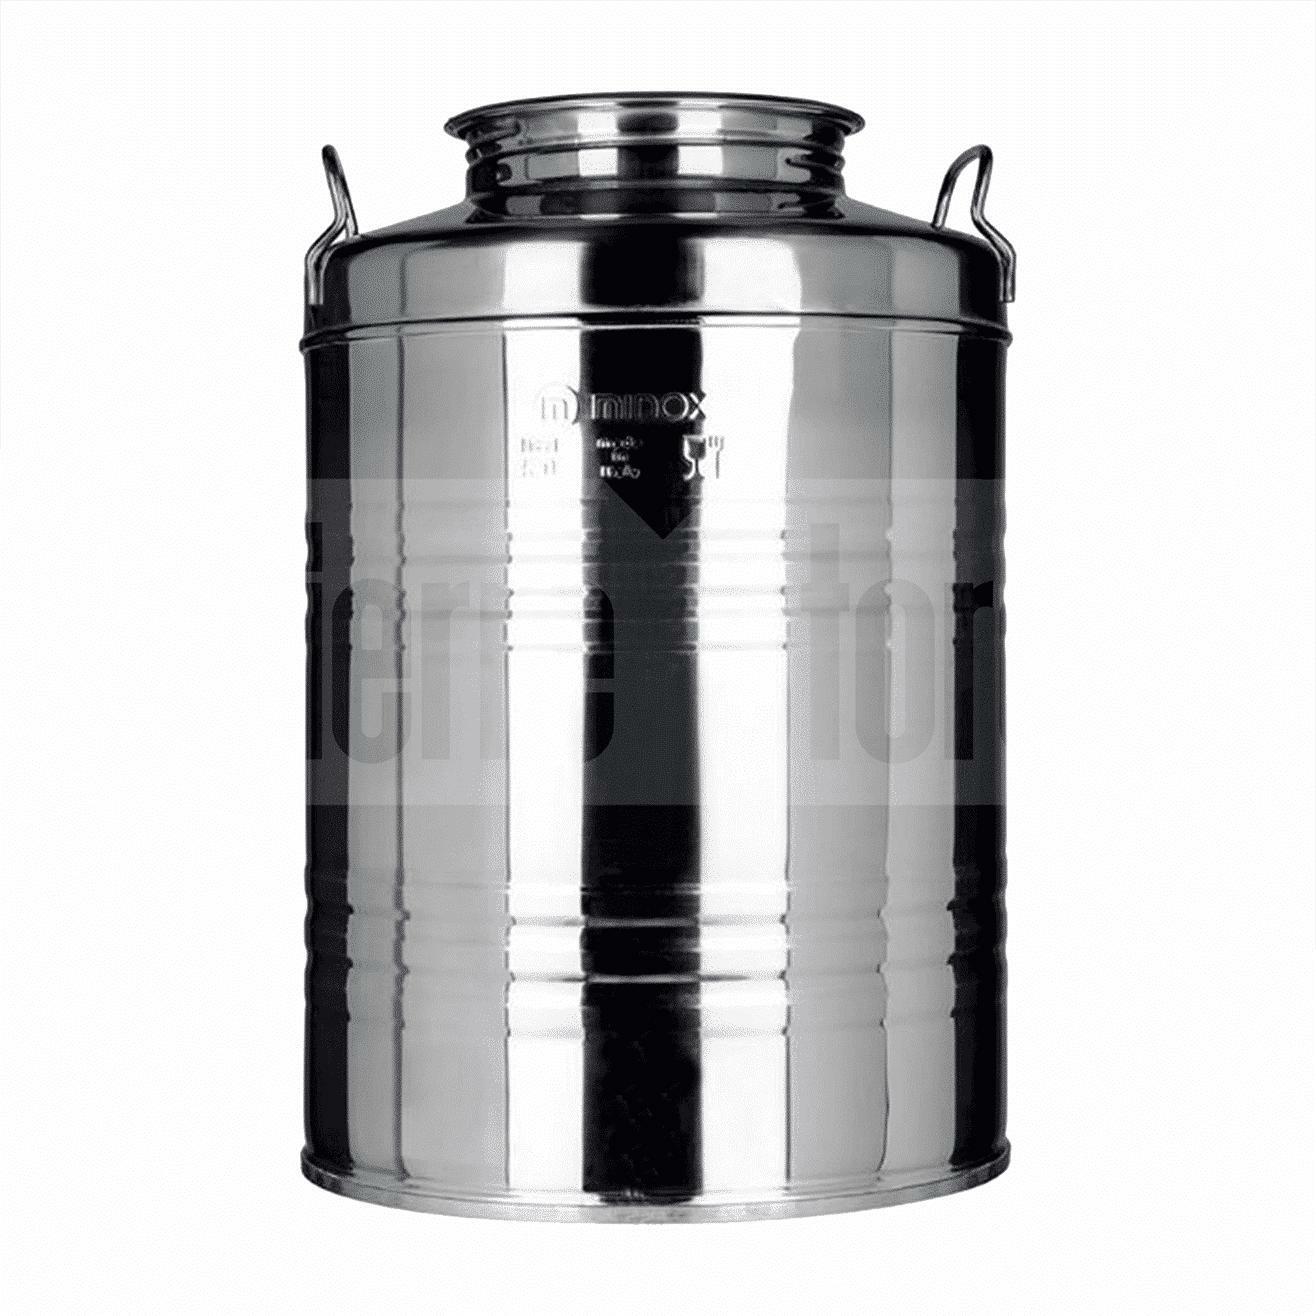 minox fusto 50l per alimenti graffato in acciaio inox 18/10